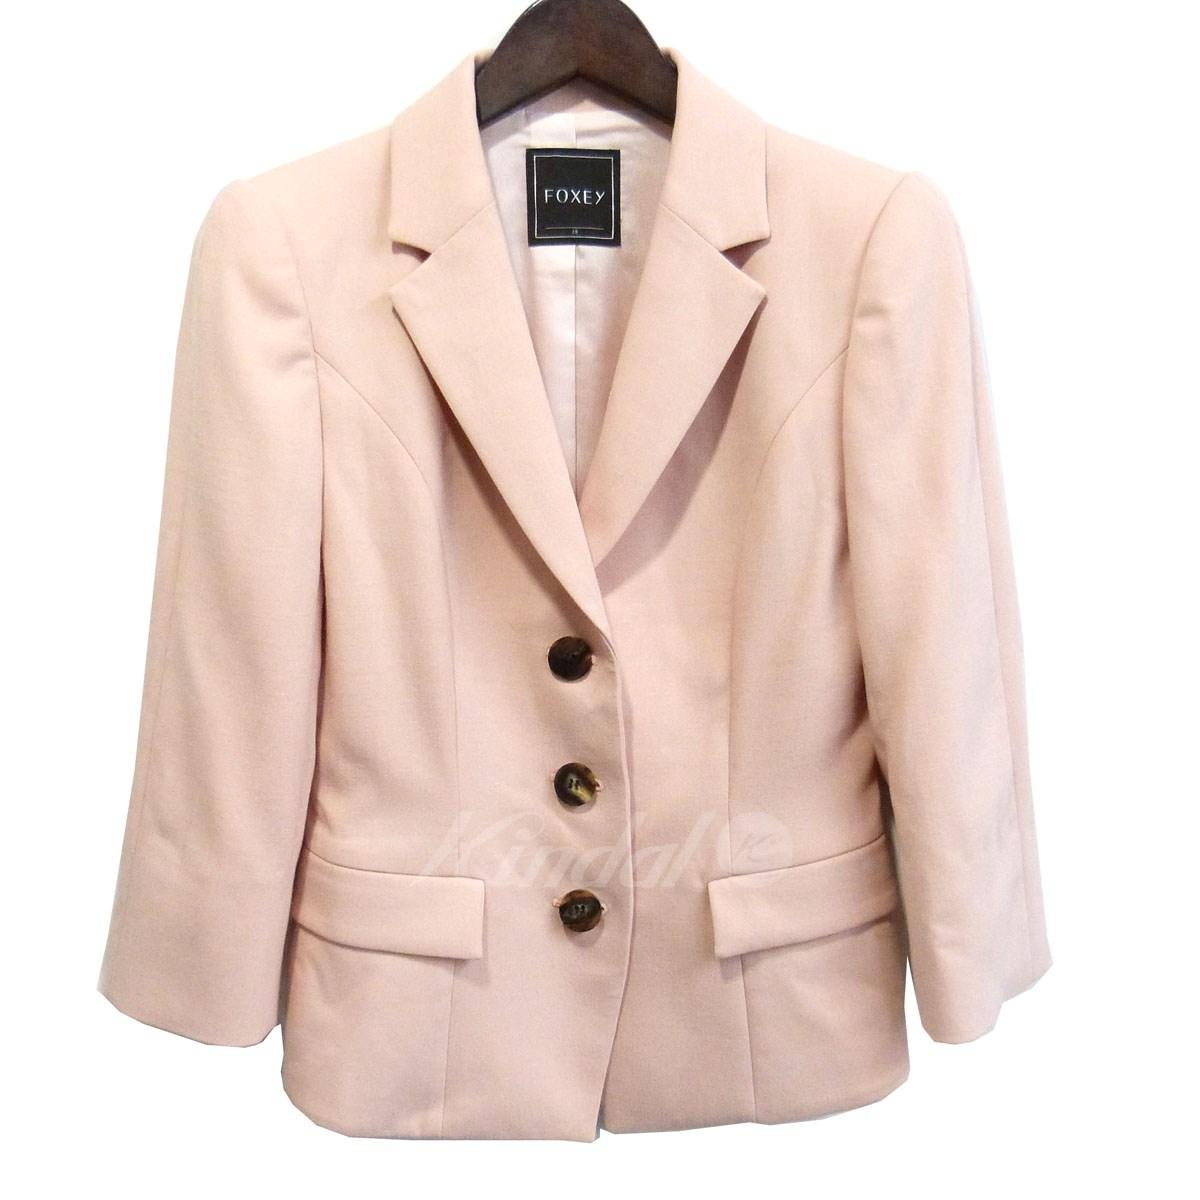 【中古】FOXEY パワーベーシックジャケット ピンク サイズ:38 【送料無料】 【140319】(フォクシー)